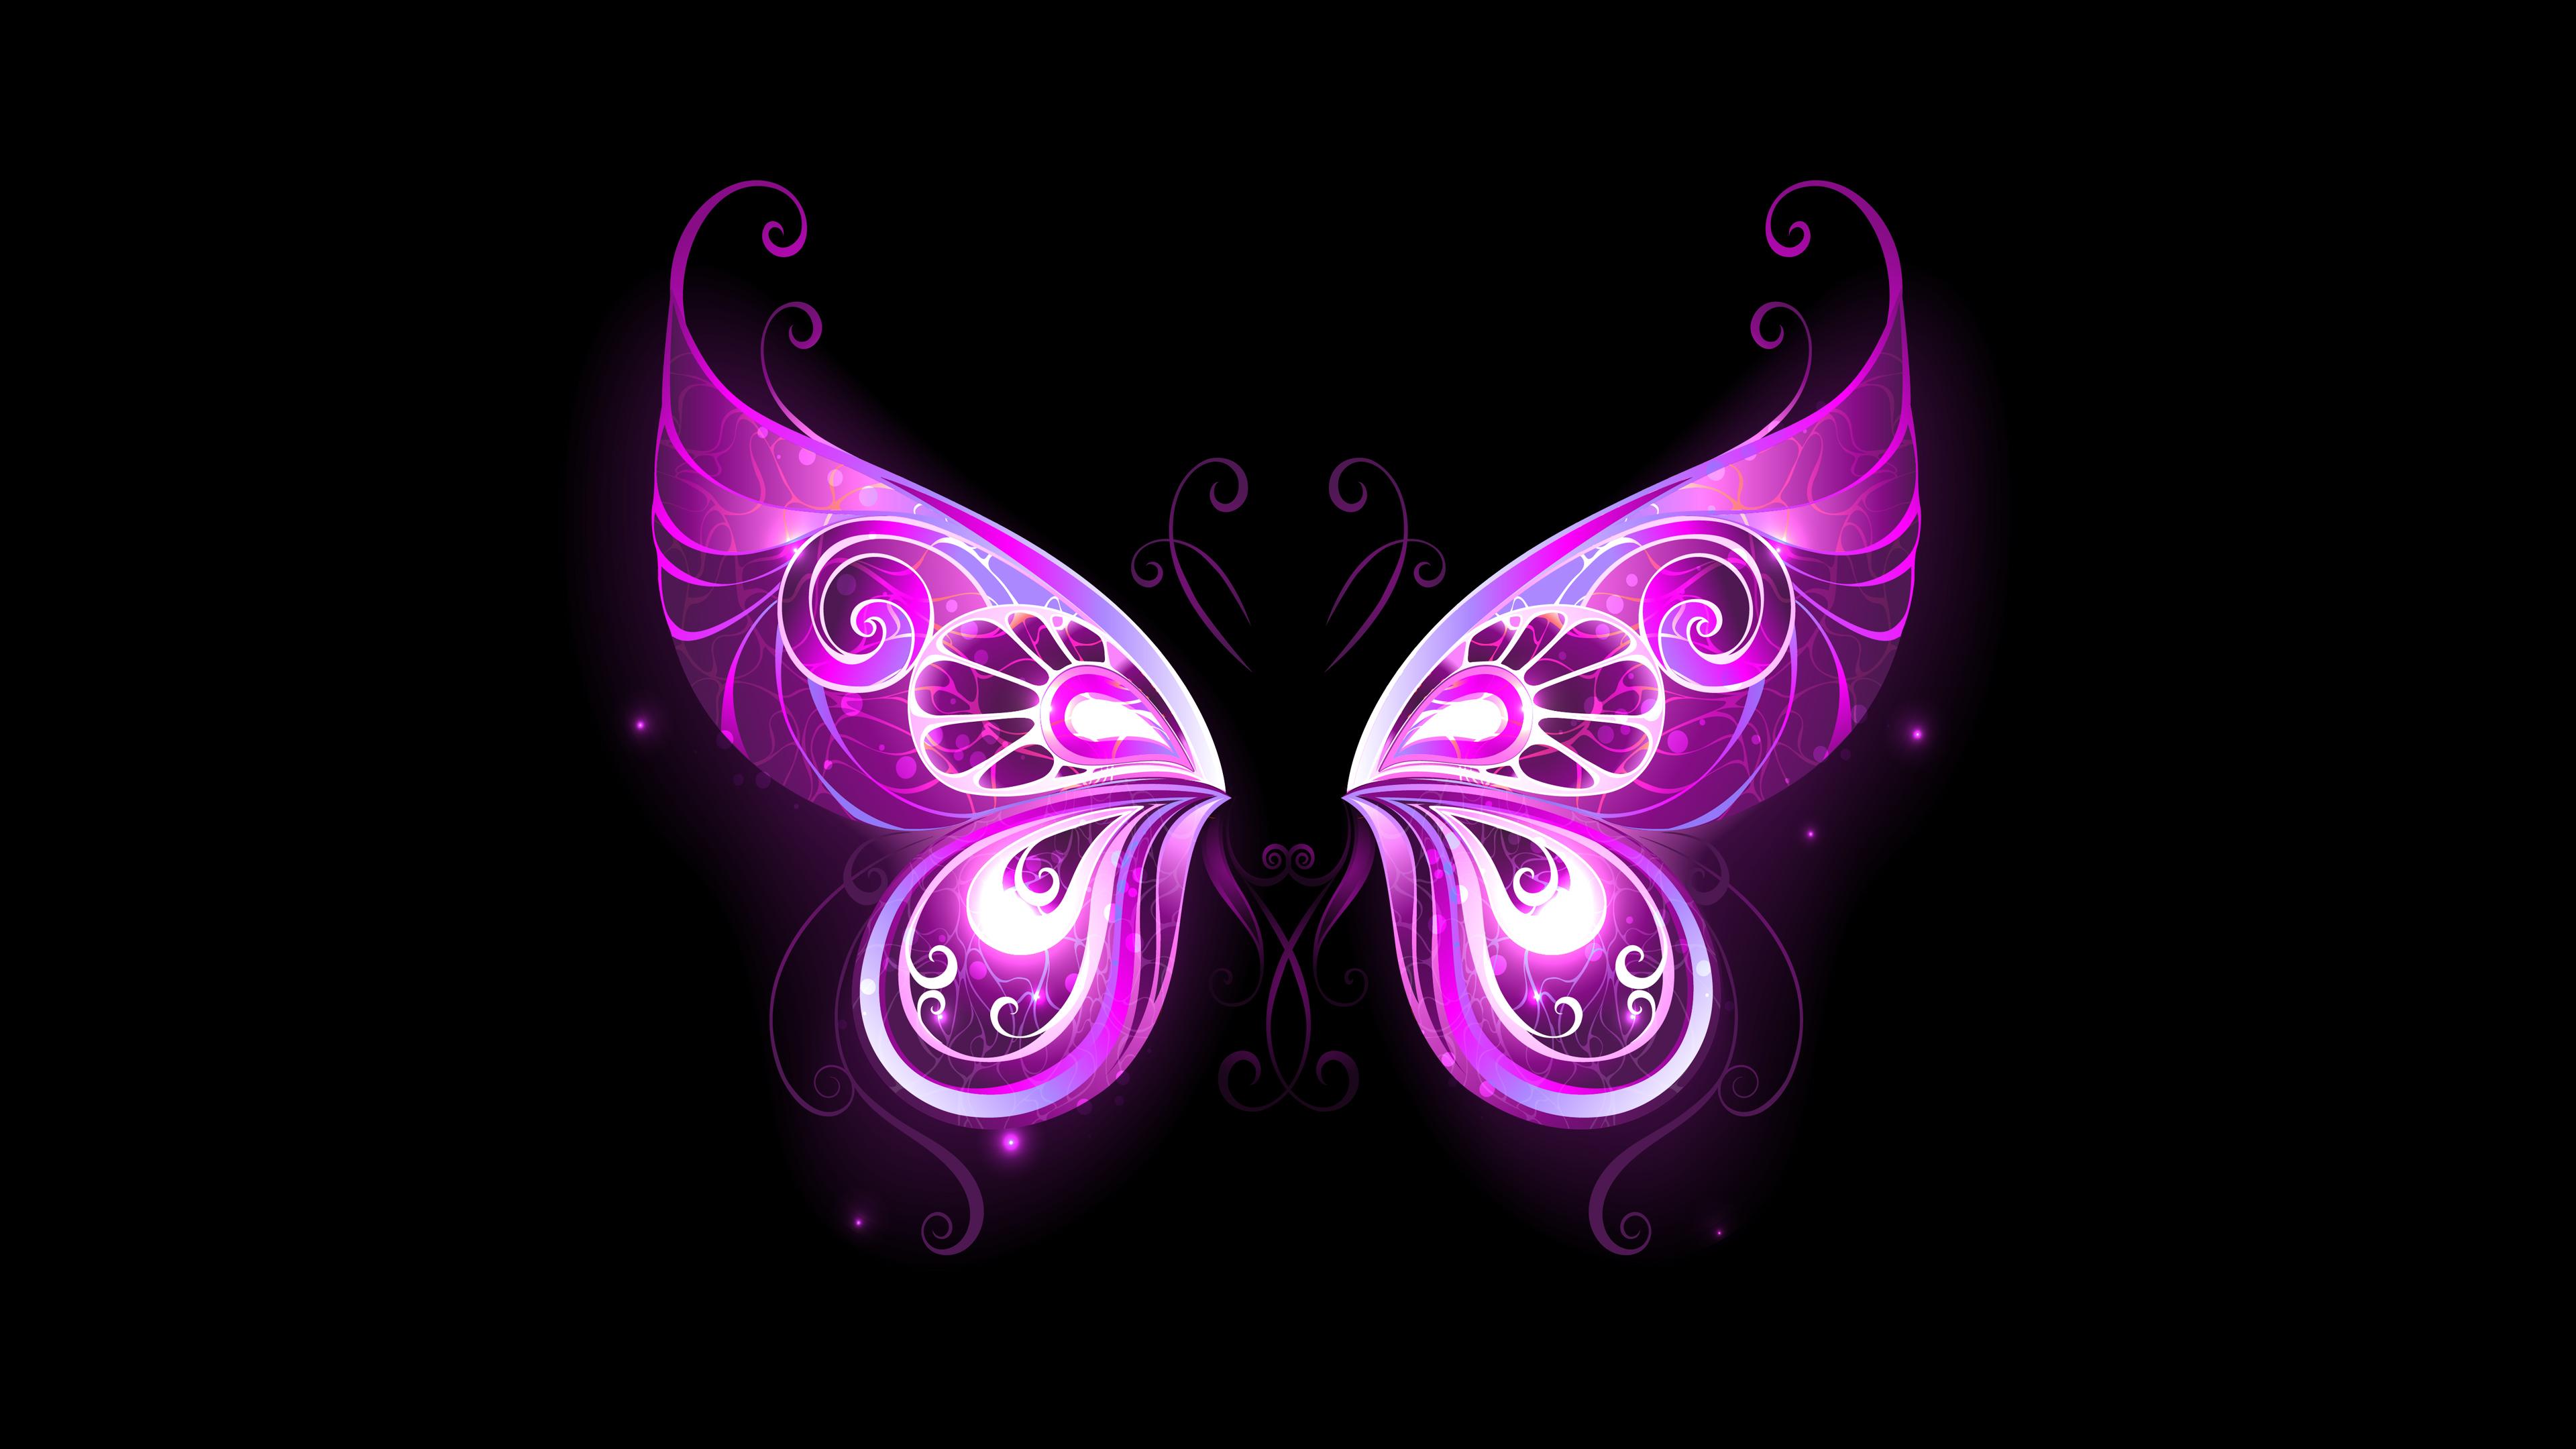 4k Purple Fairy Wings Wallpaper Hd